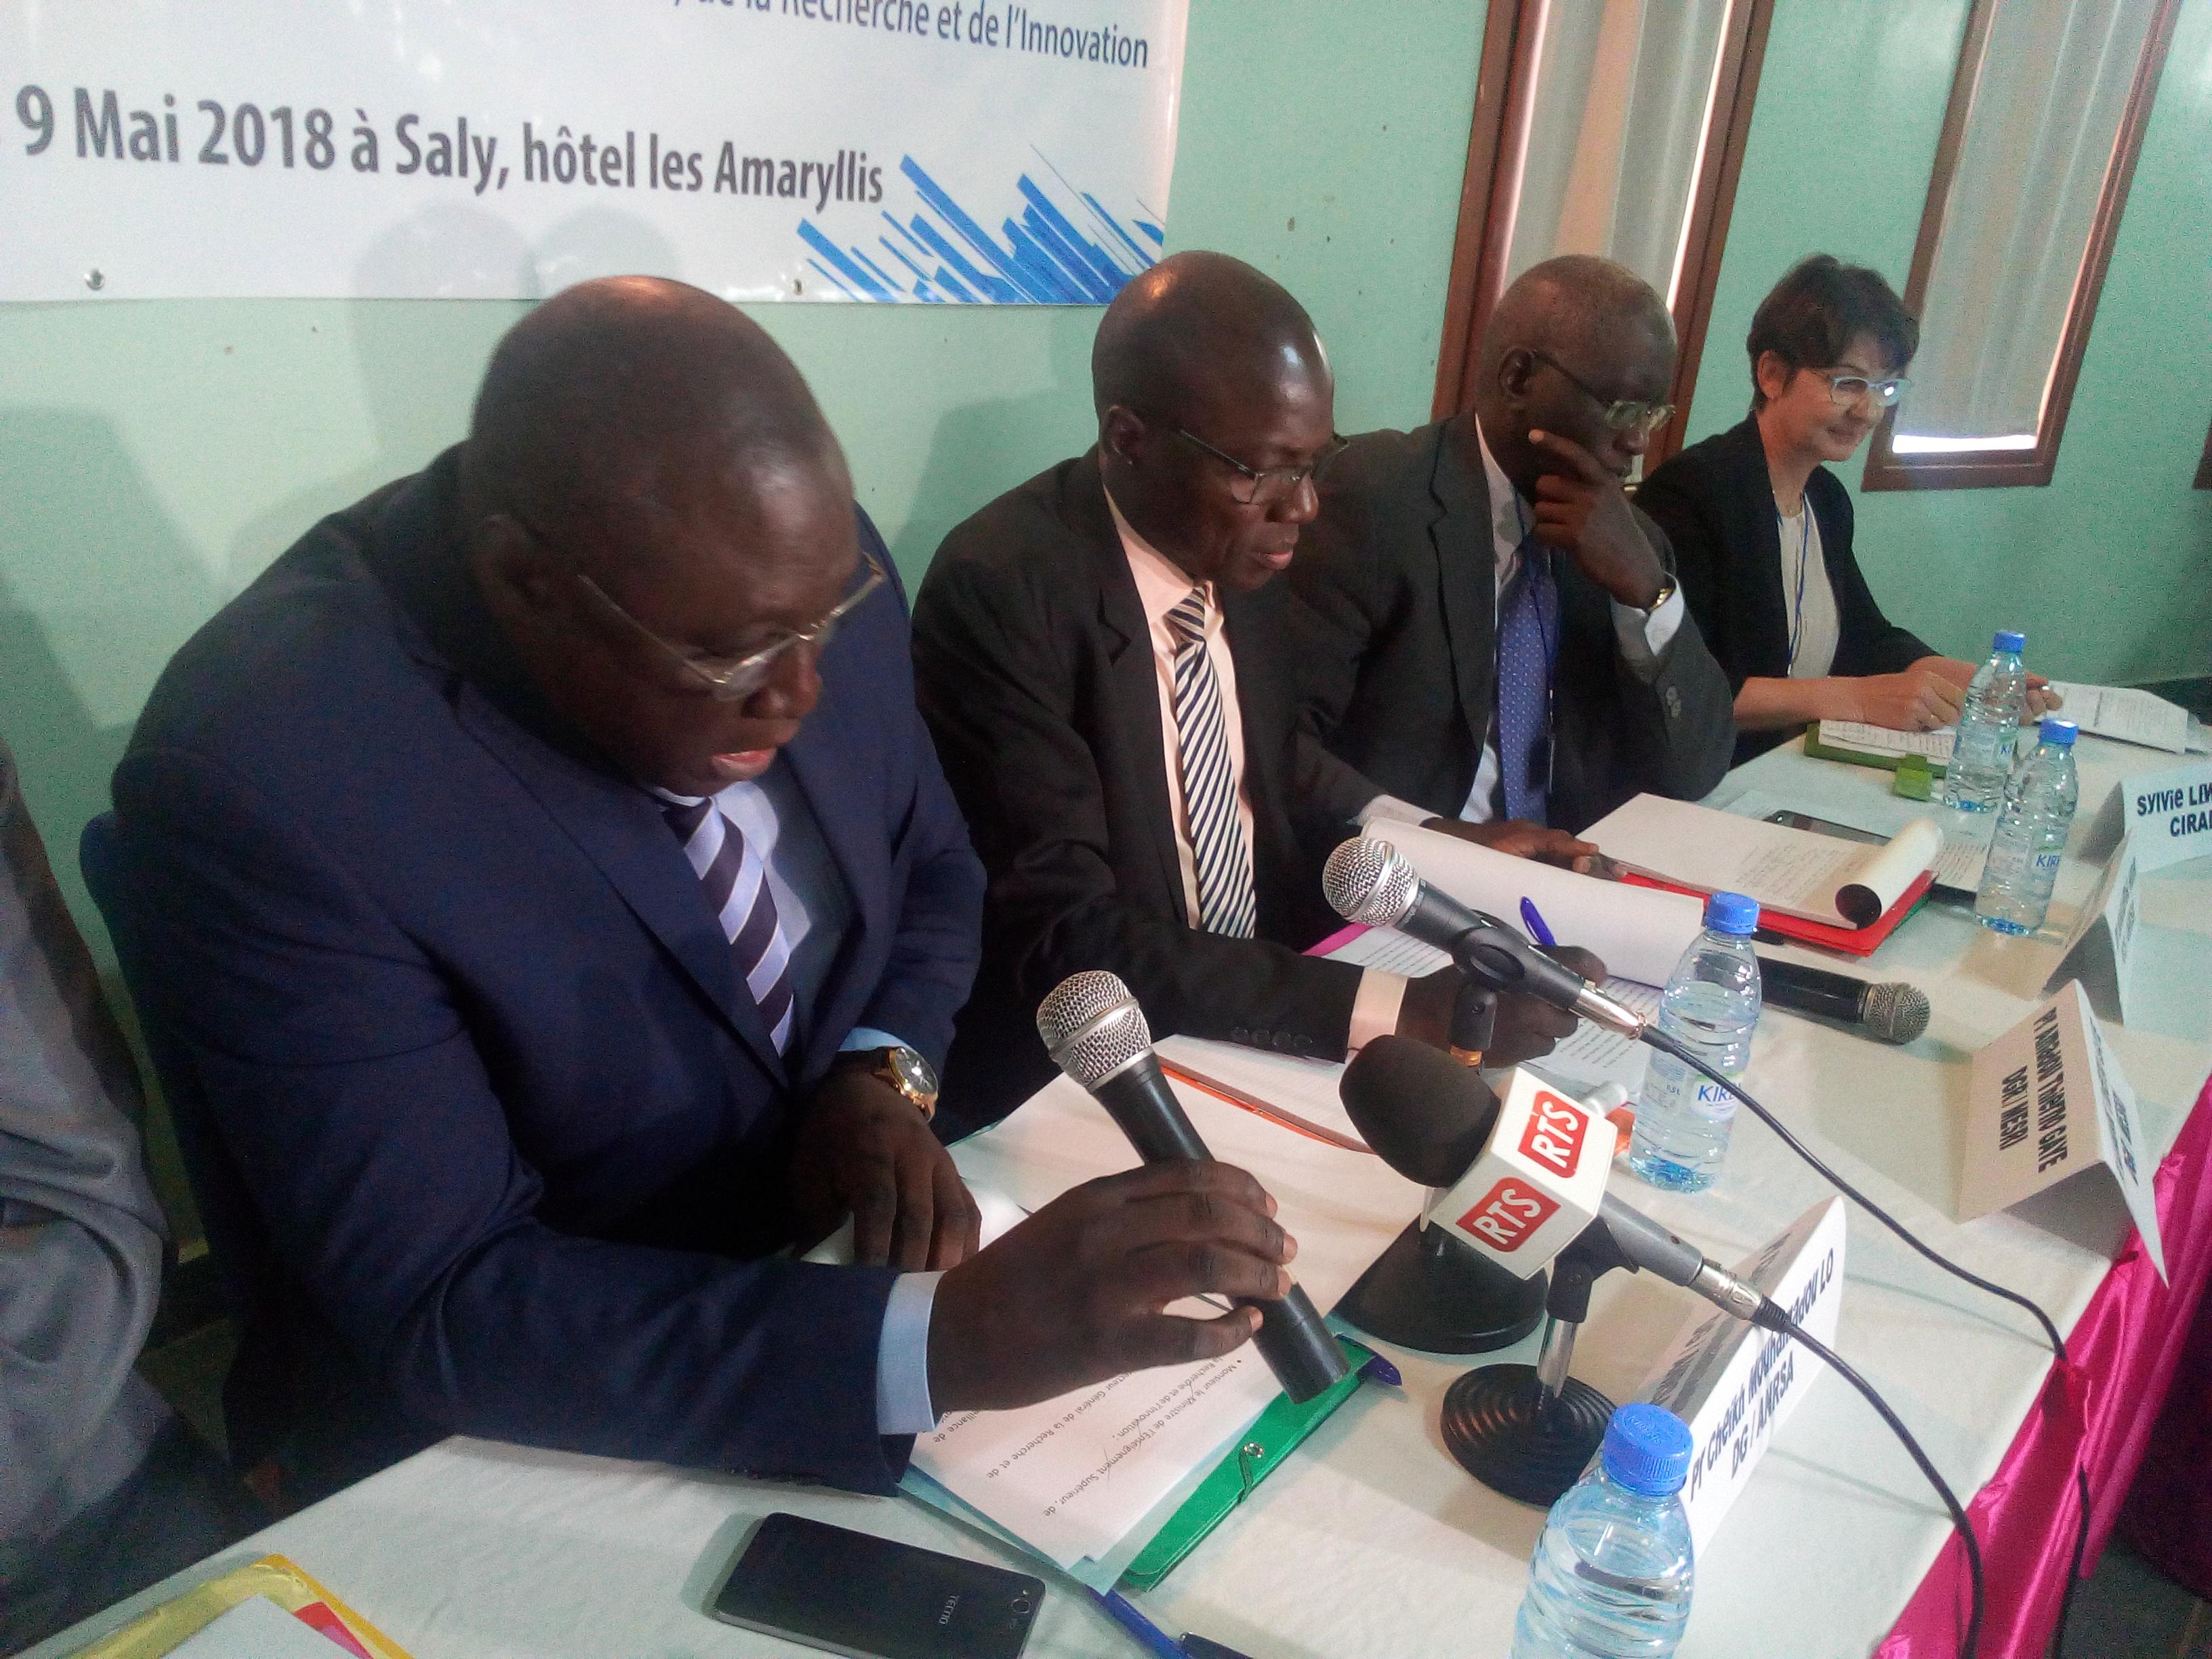 Ministère de l'enseignement supérieur sur la révision des orientations stratégiques et l'élaboration d'un plan d'actions prioritaires de l'agence nationale de la recherche scientifique appliquée.